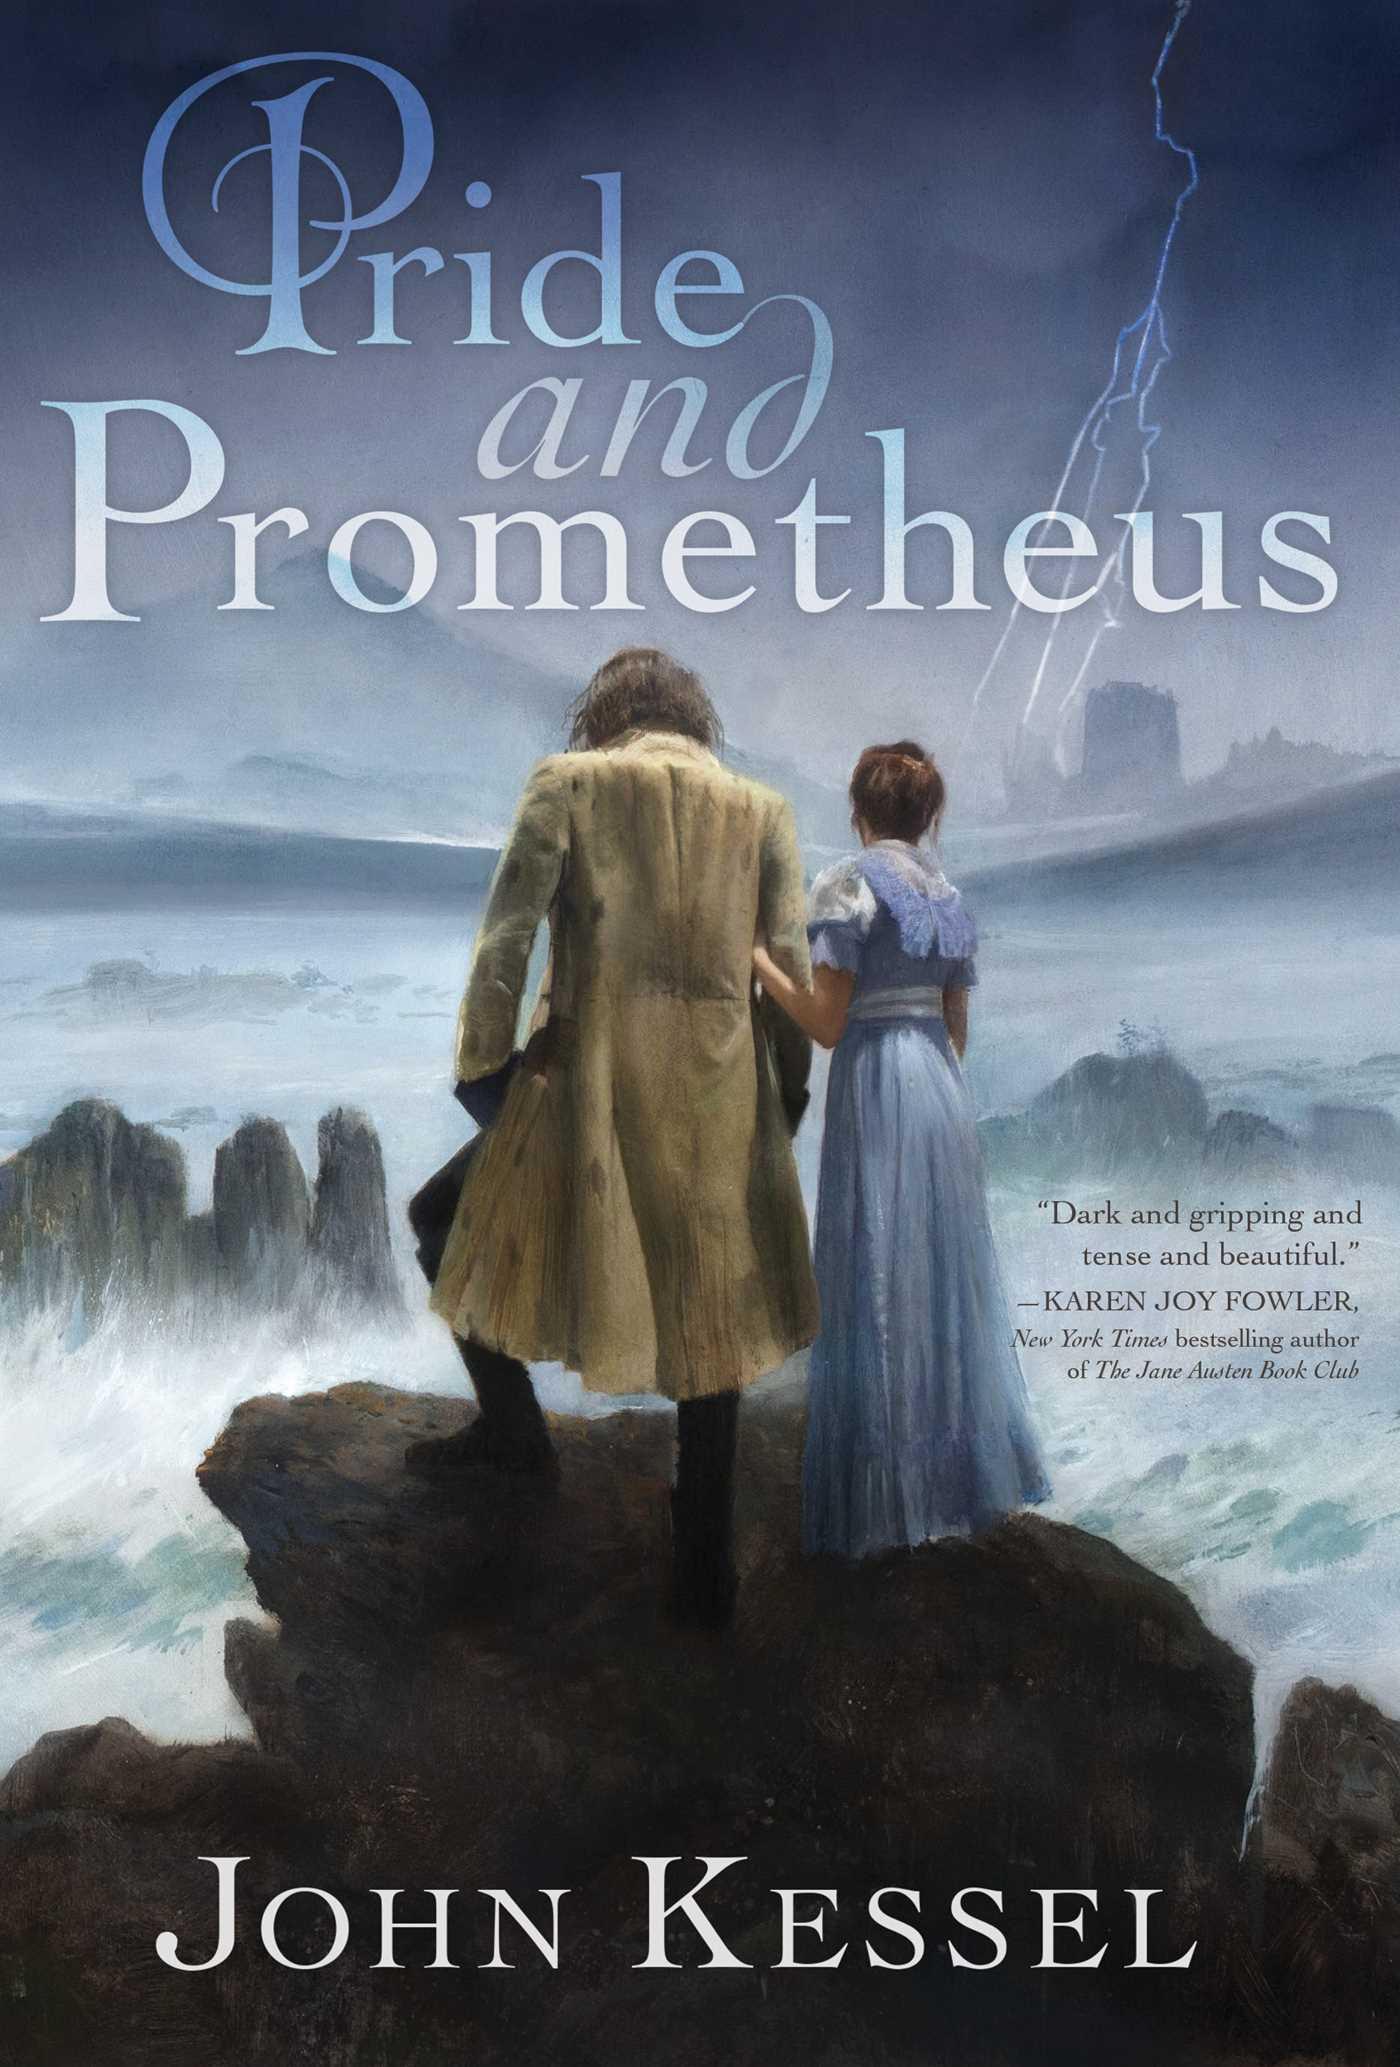 Pride and prometheus 9781481481489 hr